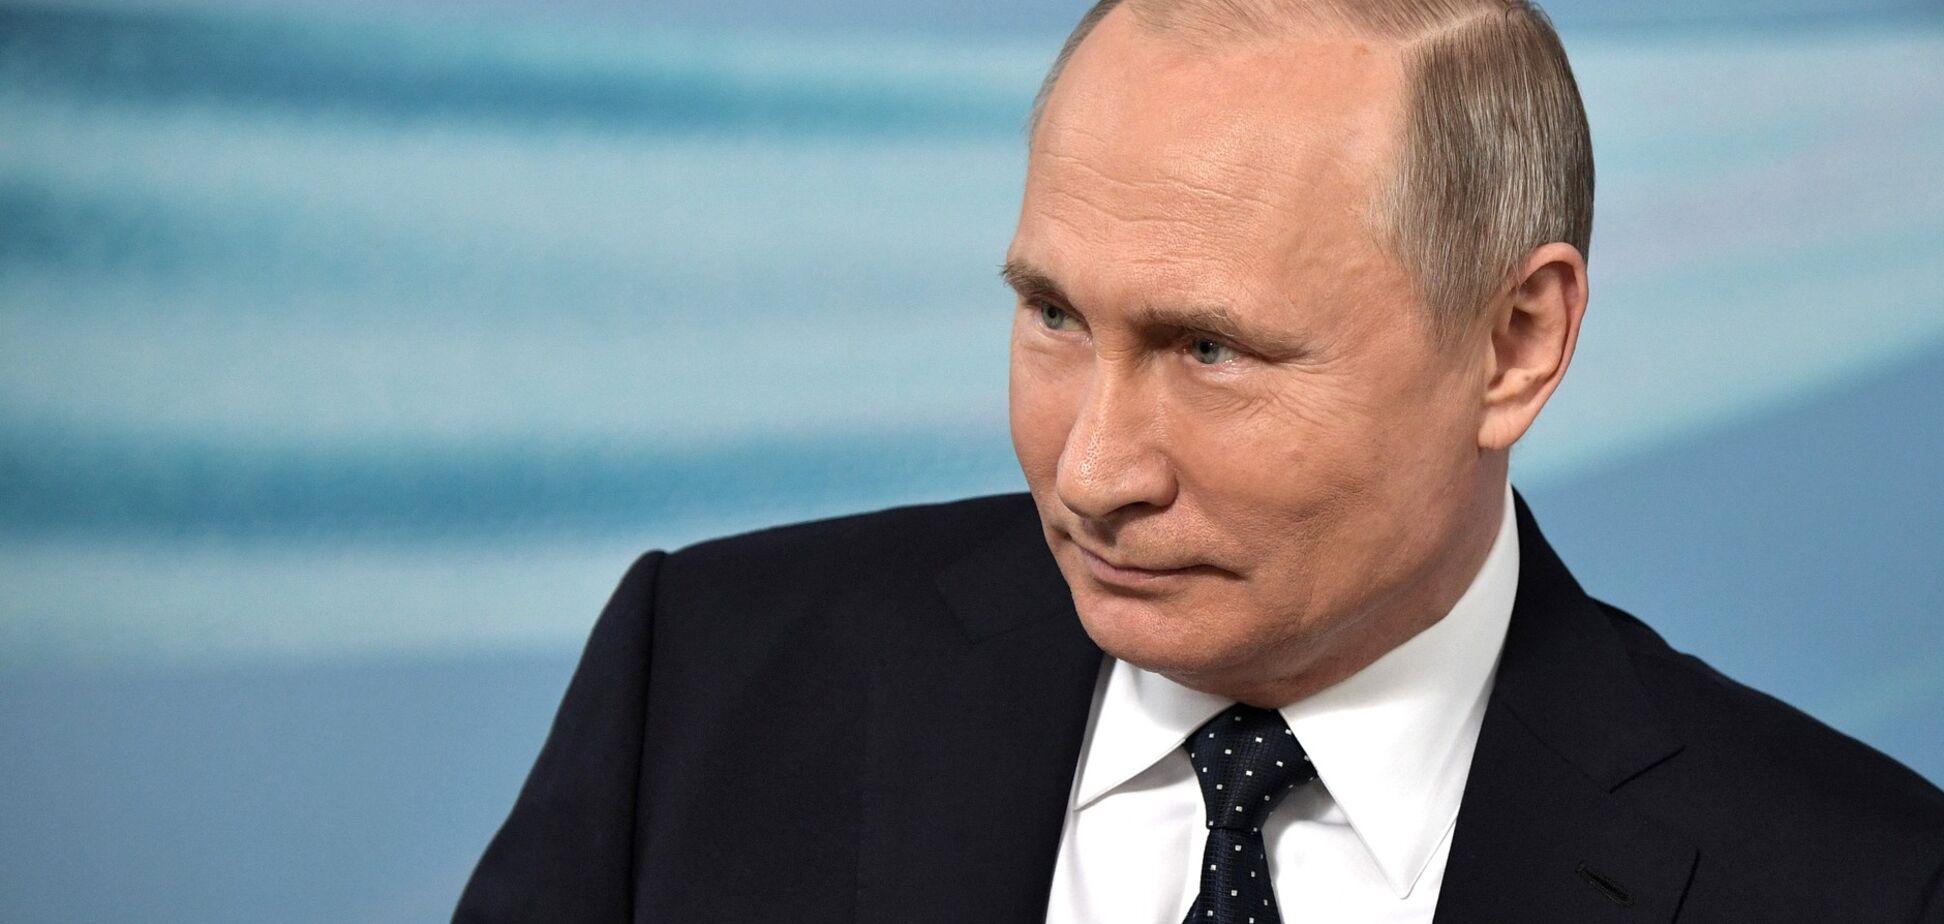 Путін готовий померти: Піонтковський пояснив надзвичайну небезпеку Росії